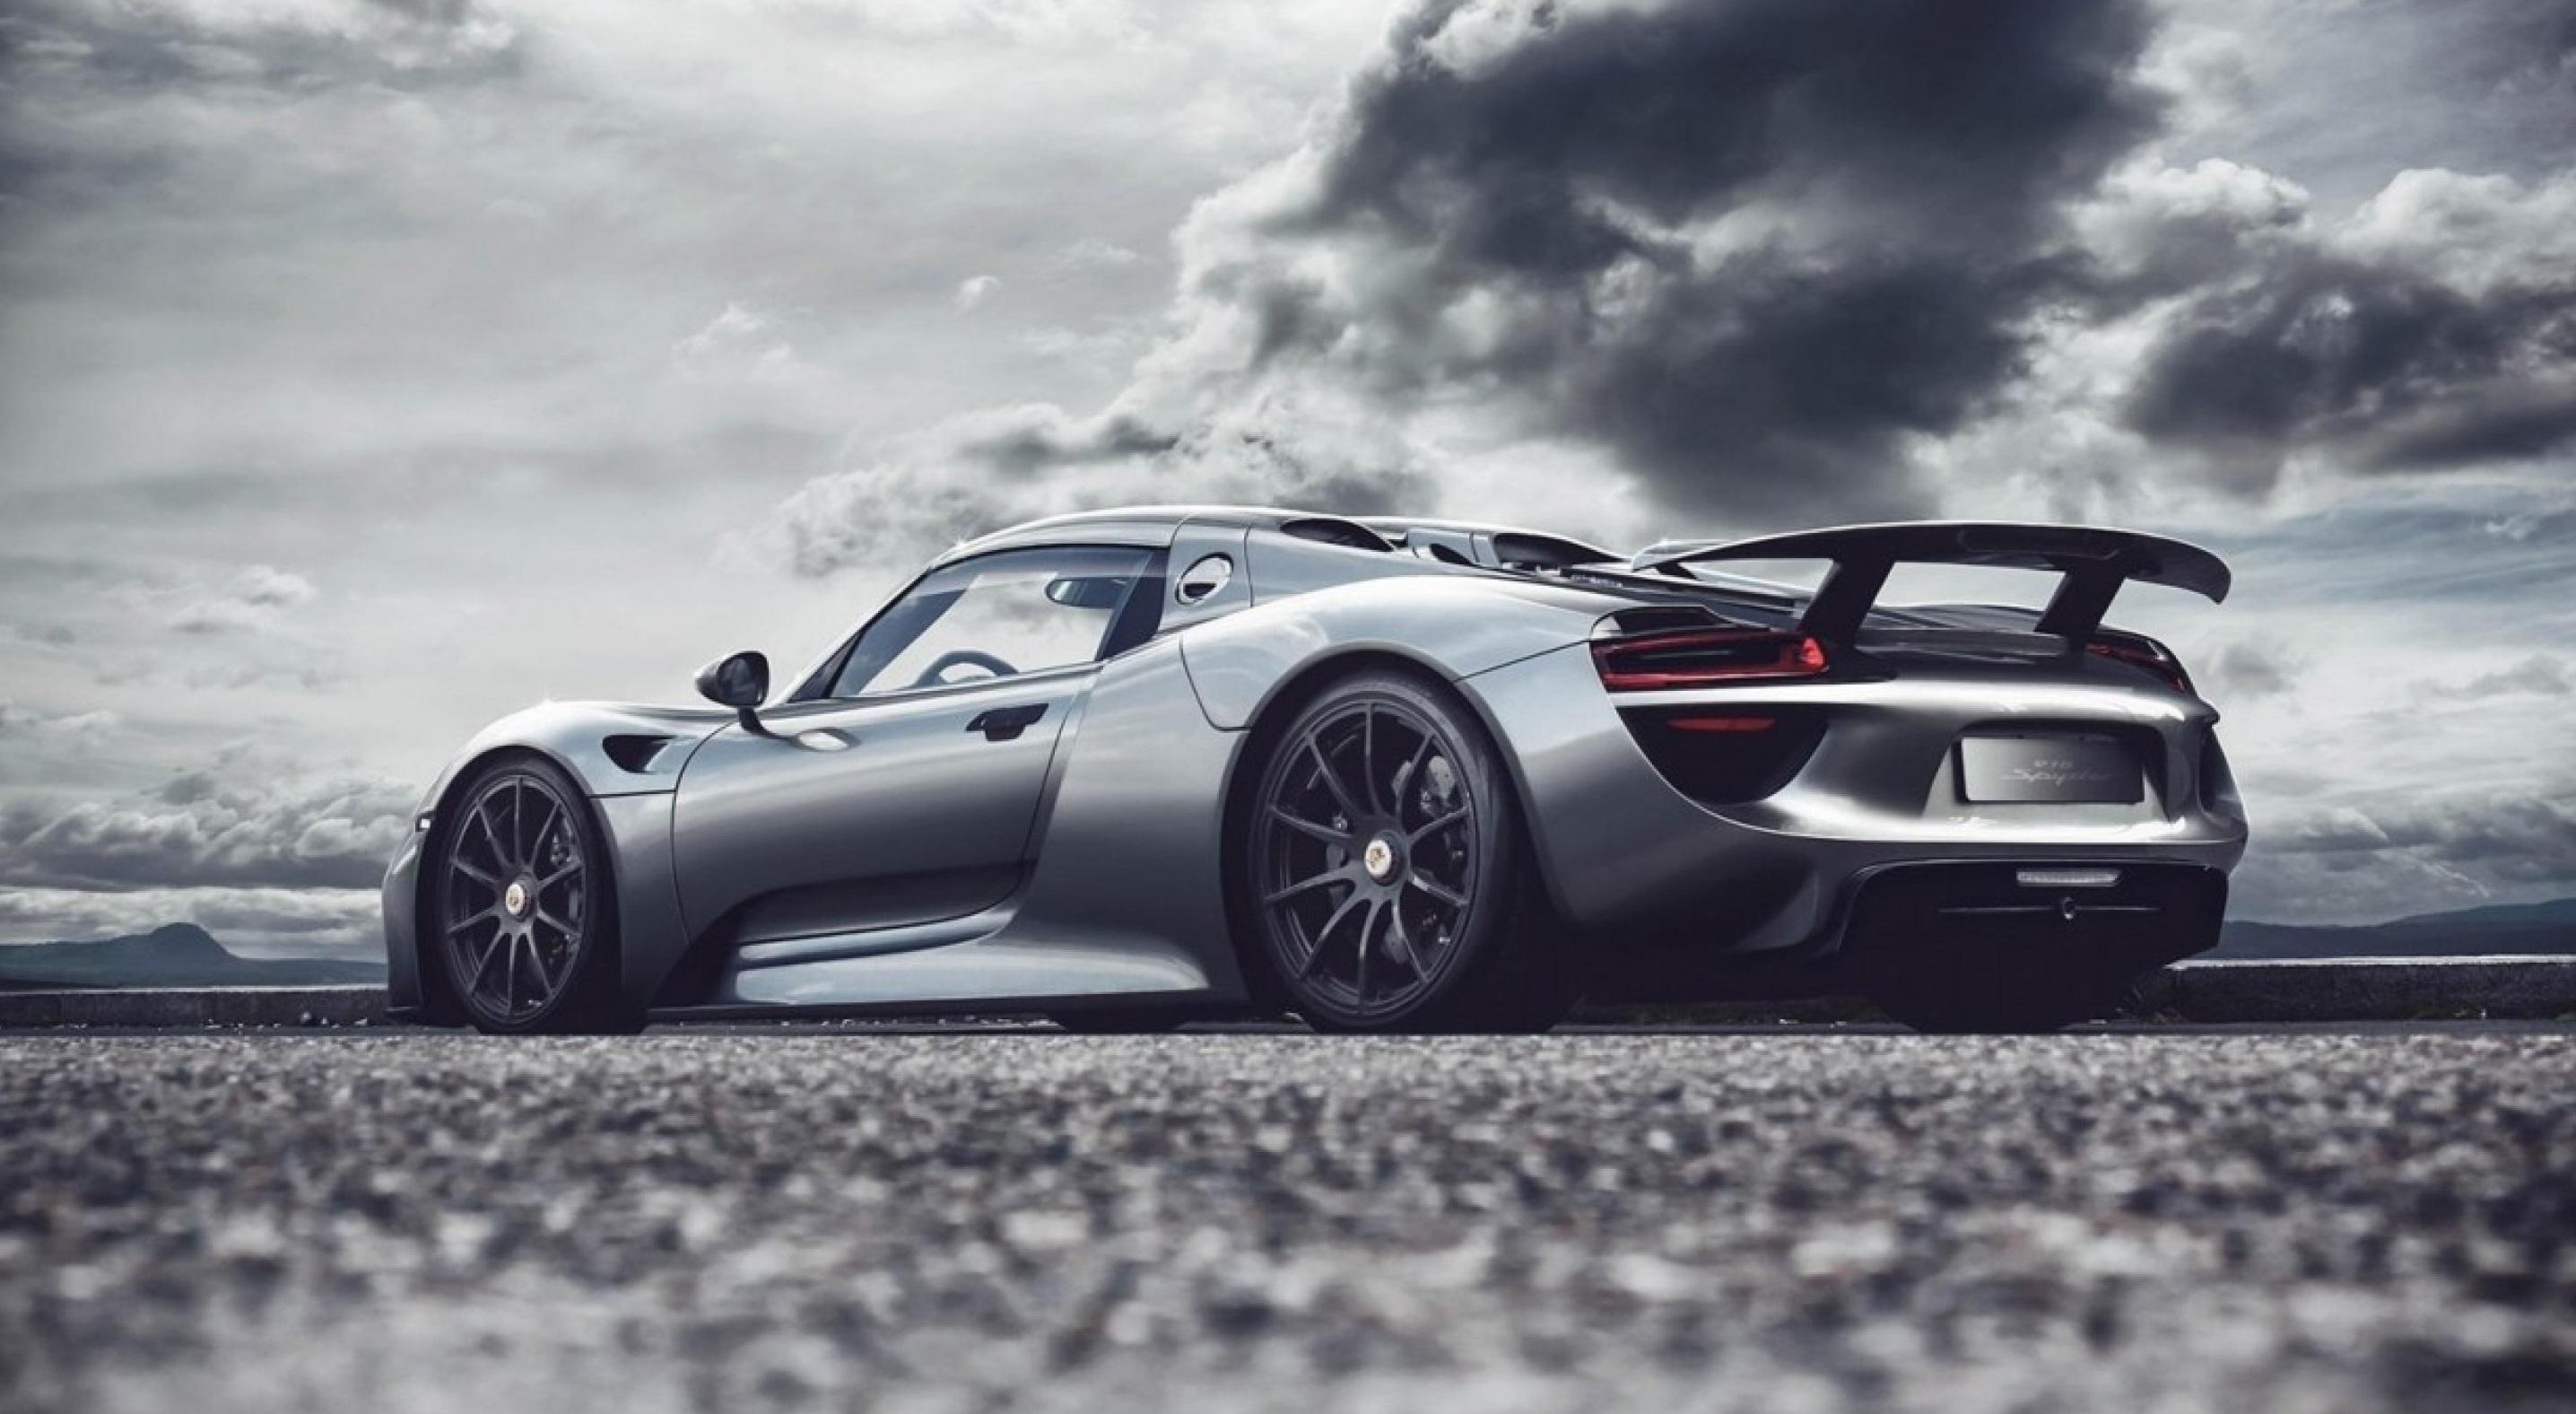 Босс Porsche Оливер Блюм объявил, что наследник модели 918 Spyder (на фото и видео) дебютирует лишь спустя несколько лет, так как разработка гиперкара не является для марки приоритетной задачей.